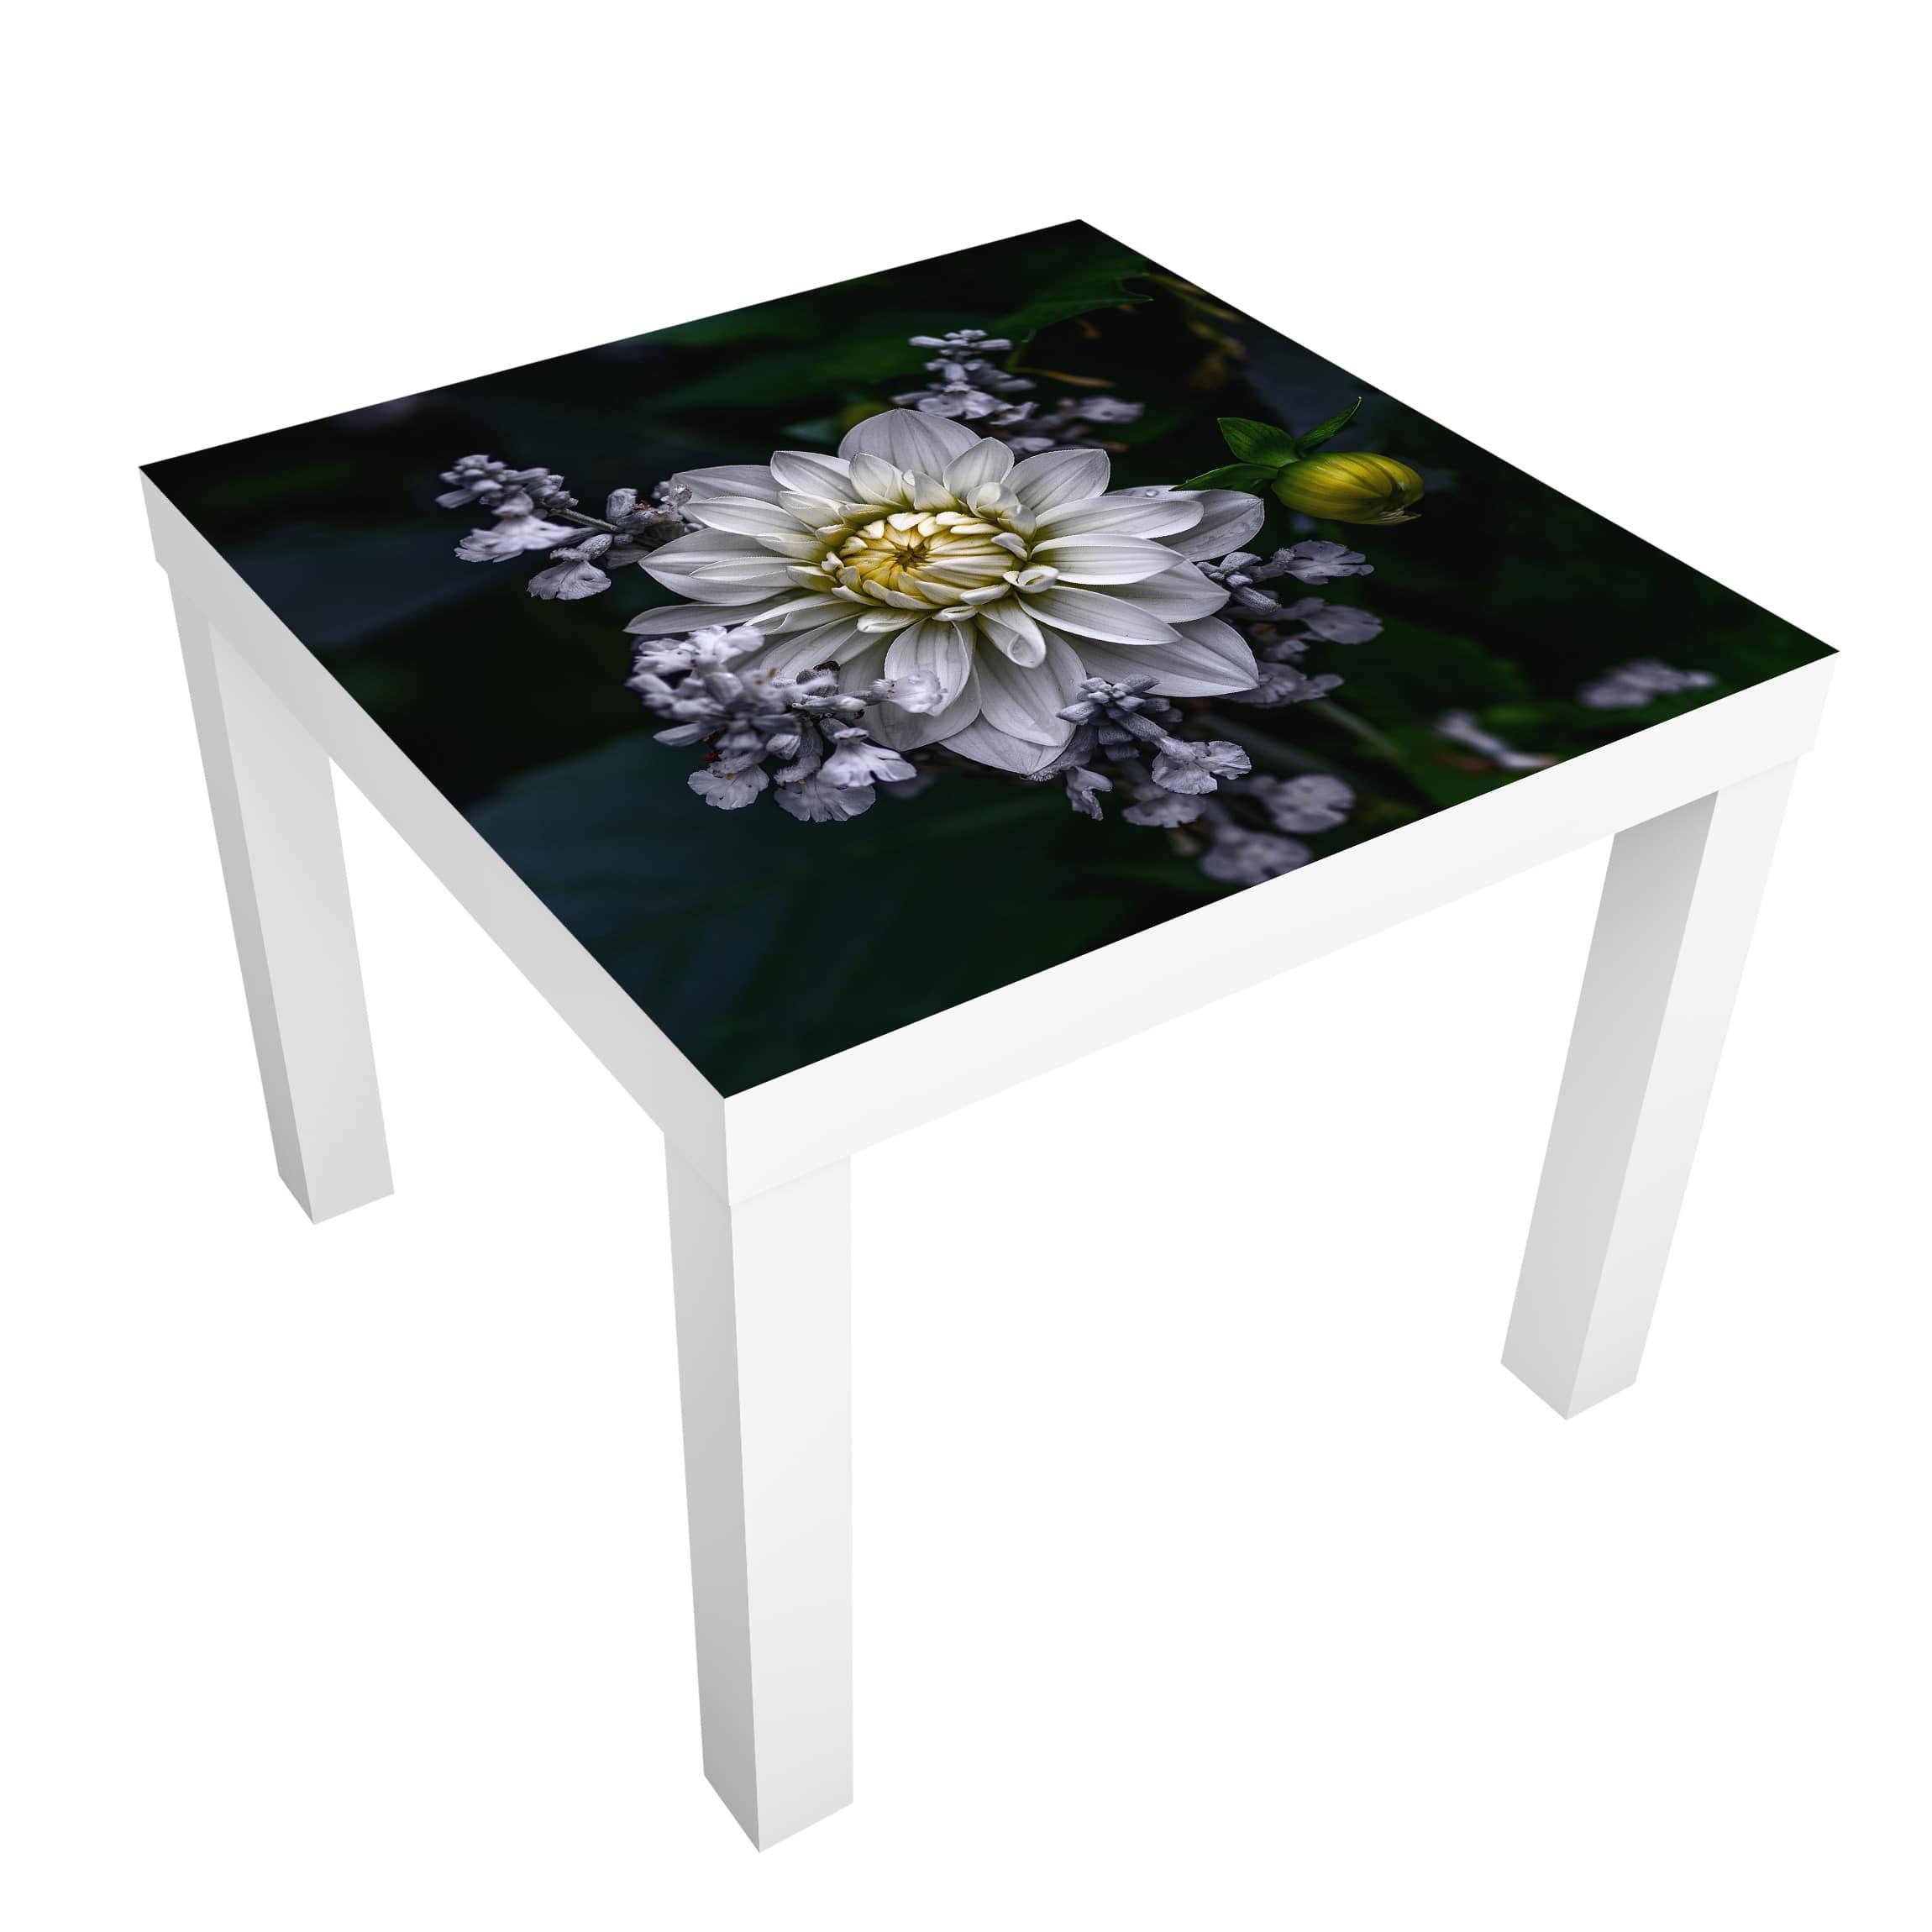 Beistelltisch Blumen Weiße Dahlie günstig online kaufen